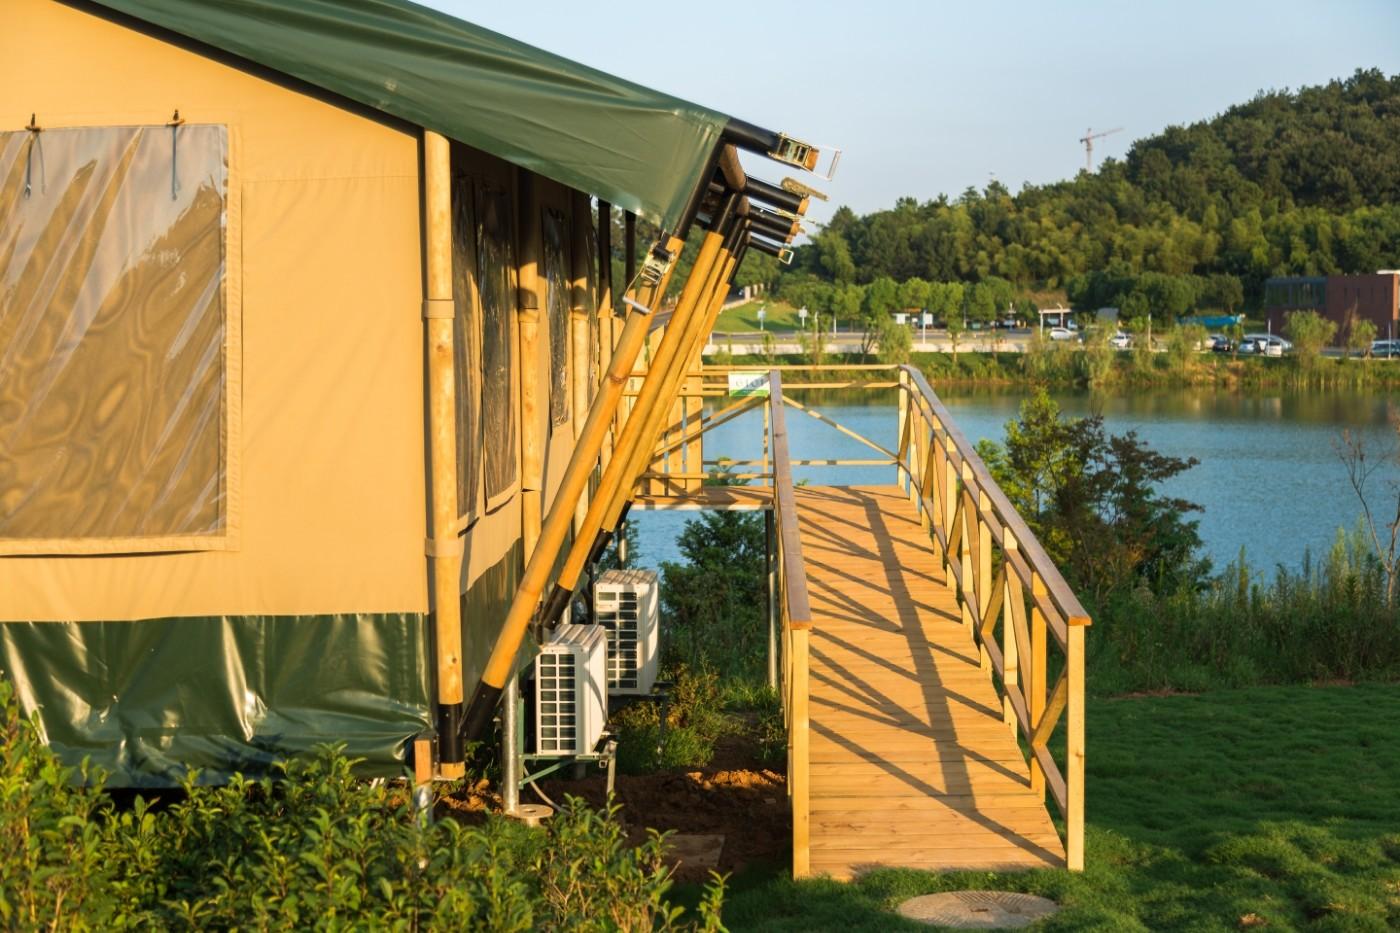 喜马拉雅野奢帐篷酒店—江苏常州茅山宝盛园茶园帐篷酒店8